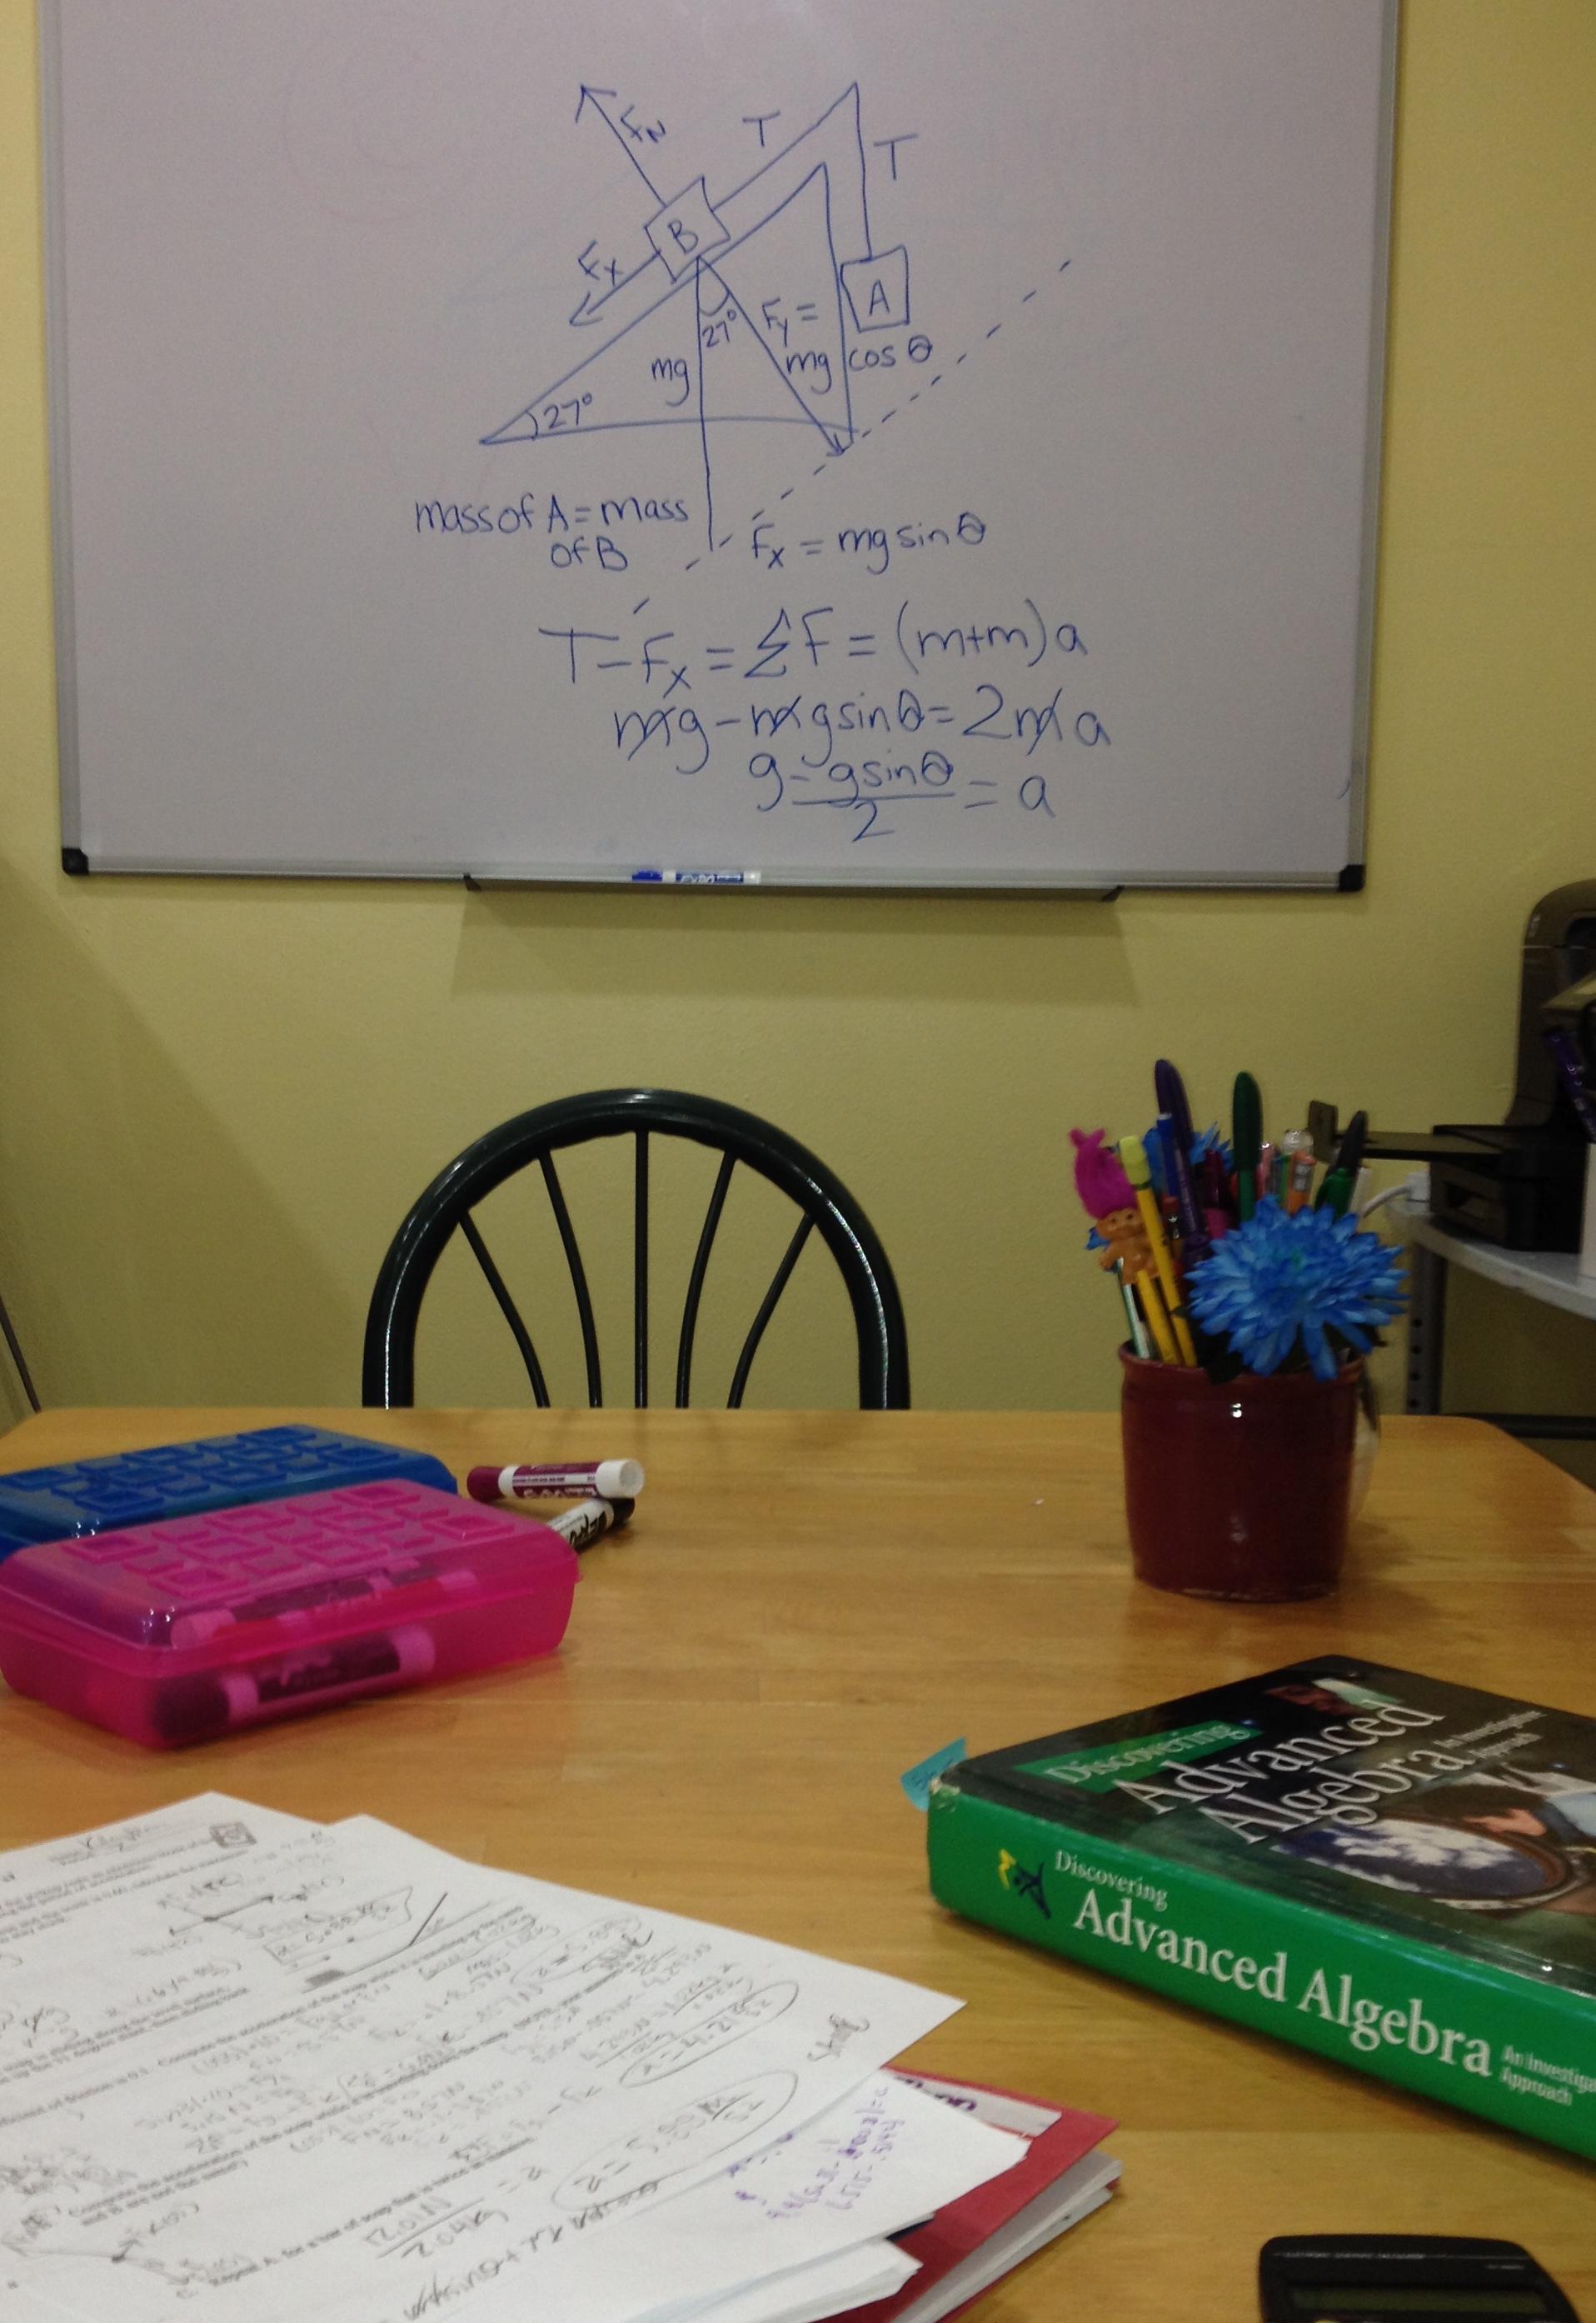 Tutoring whiteboard